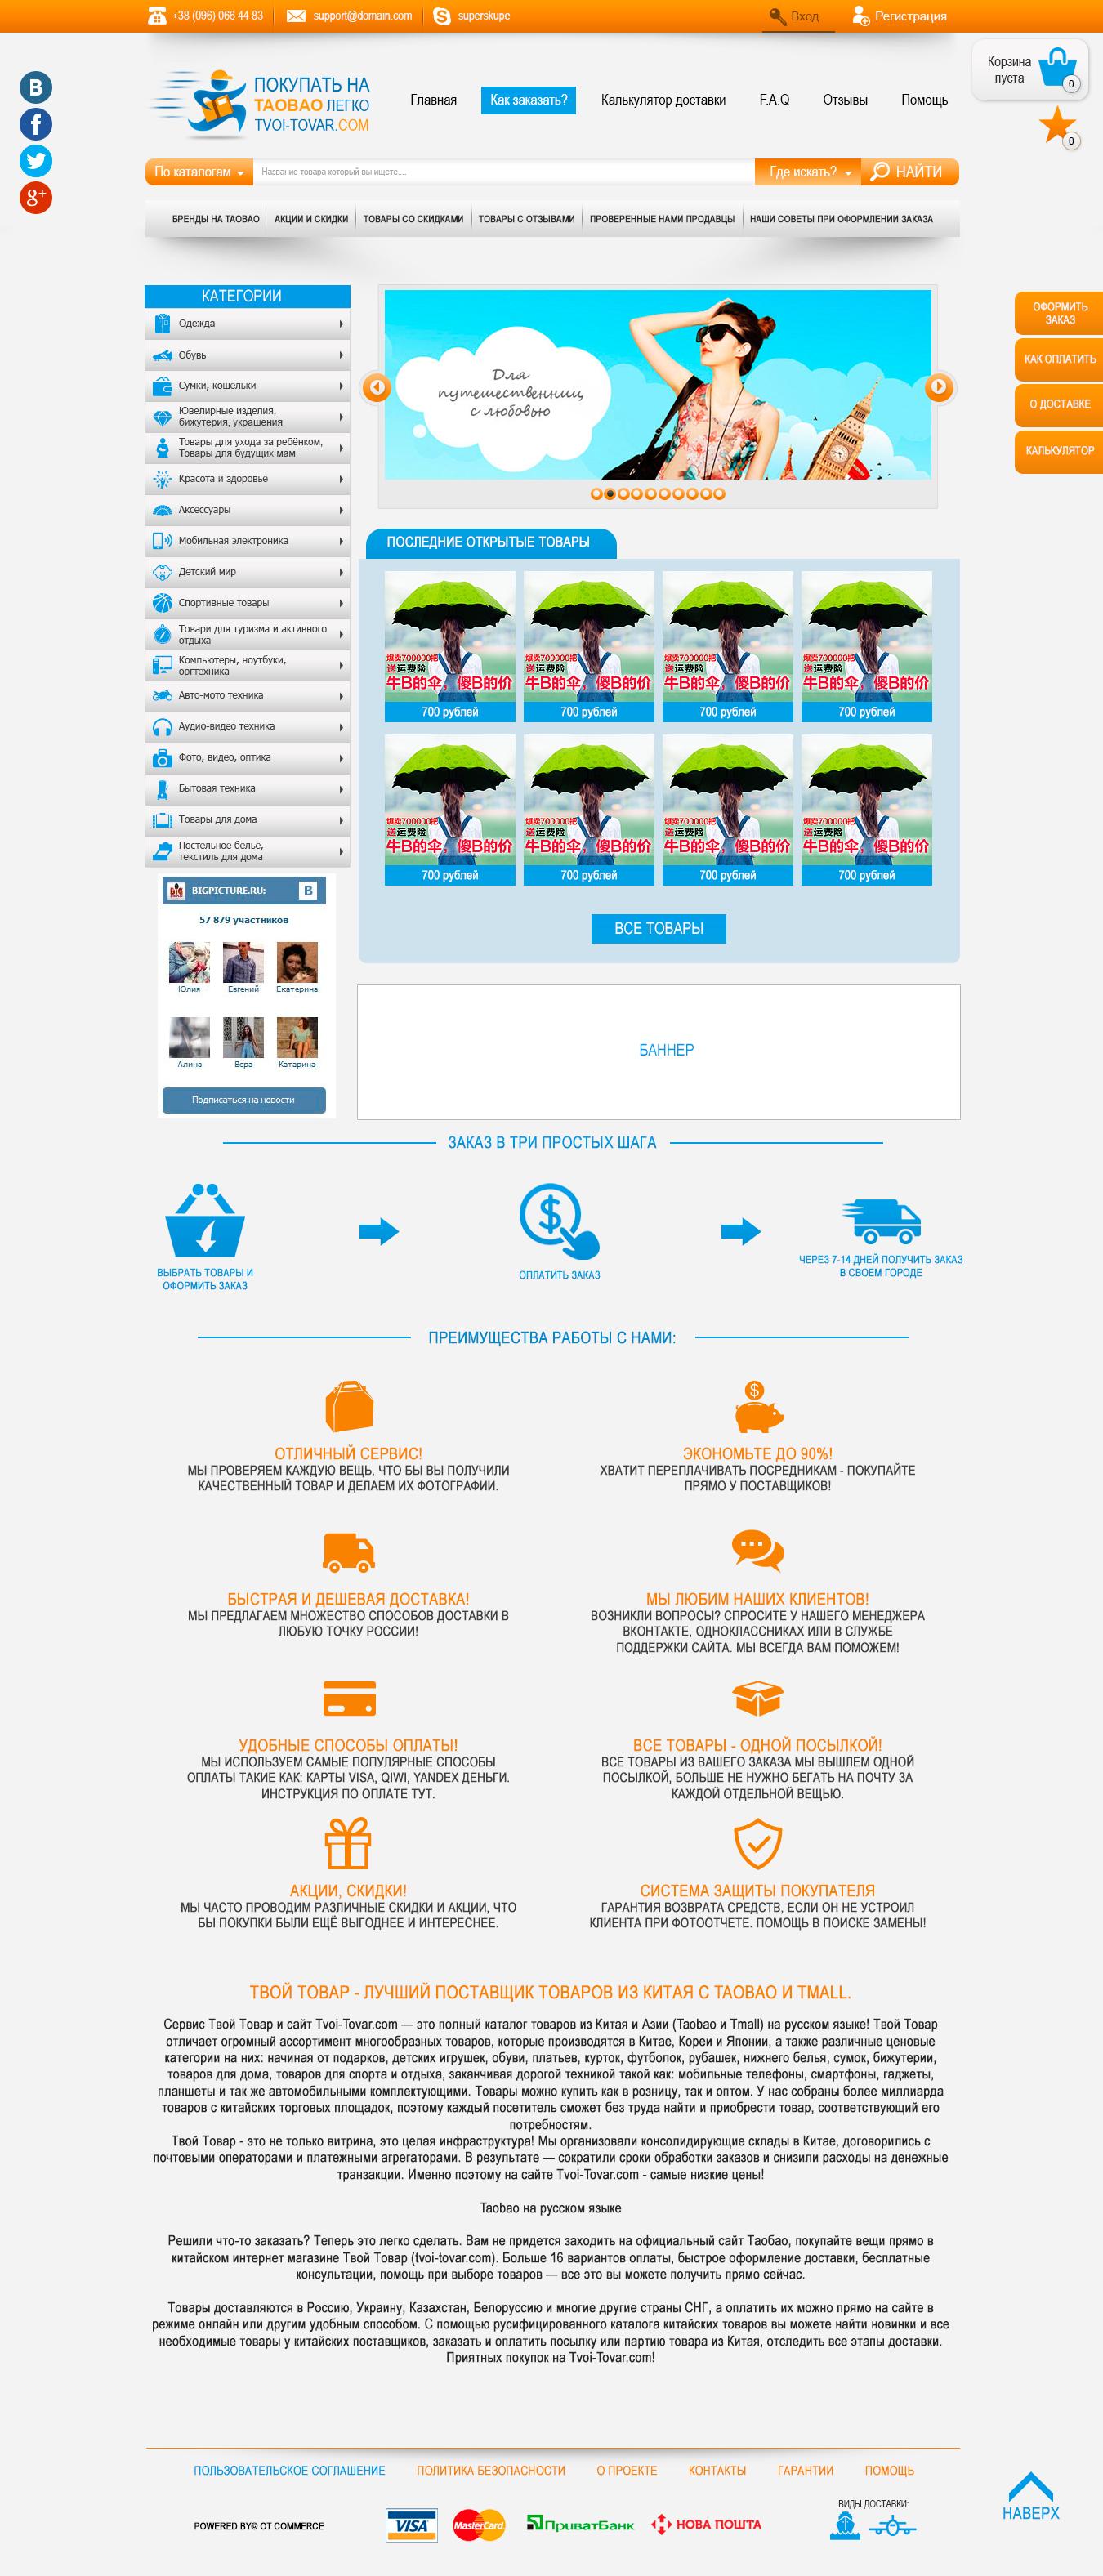 Дизайн сайта ютуб